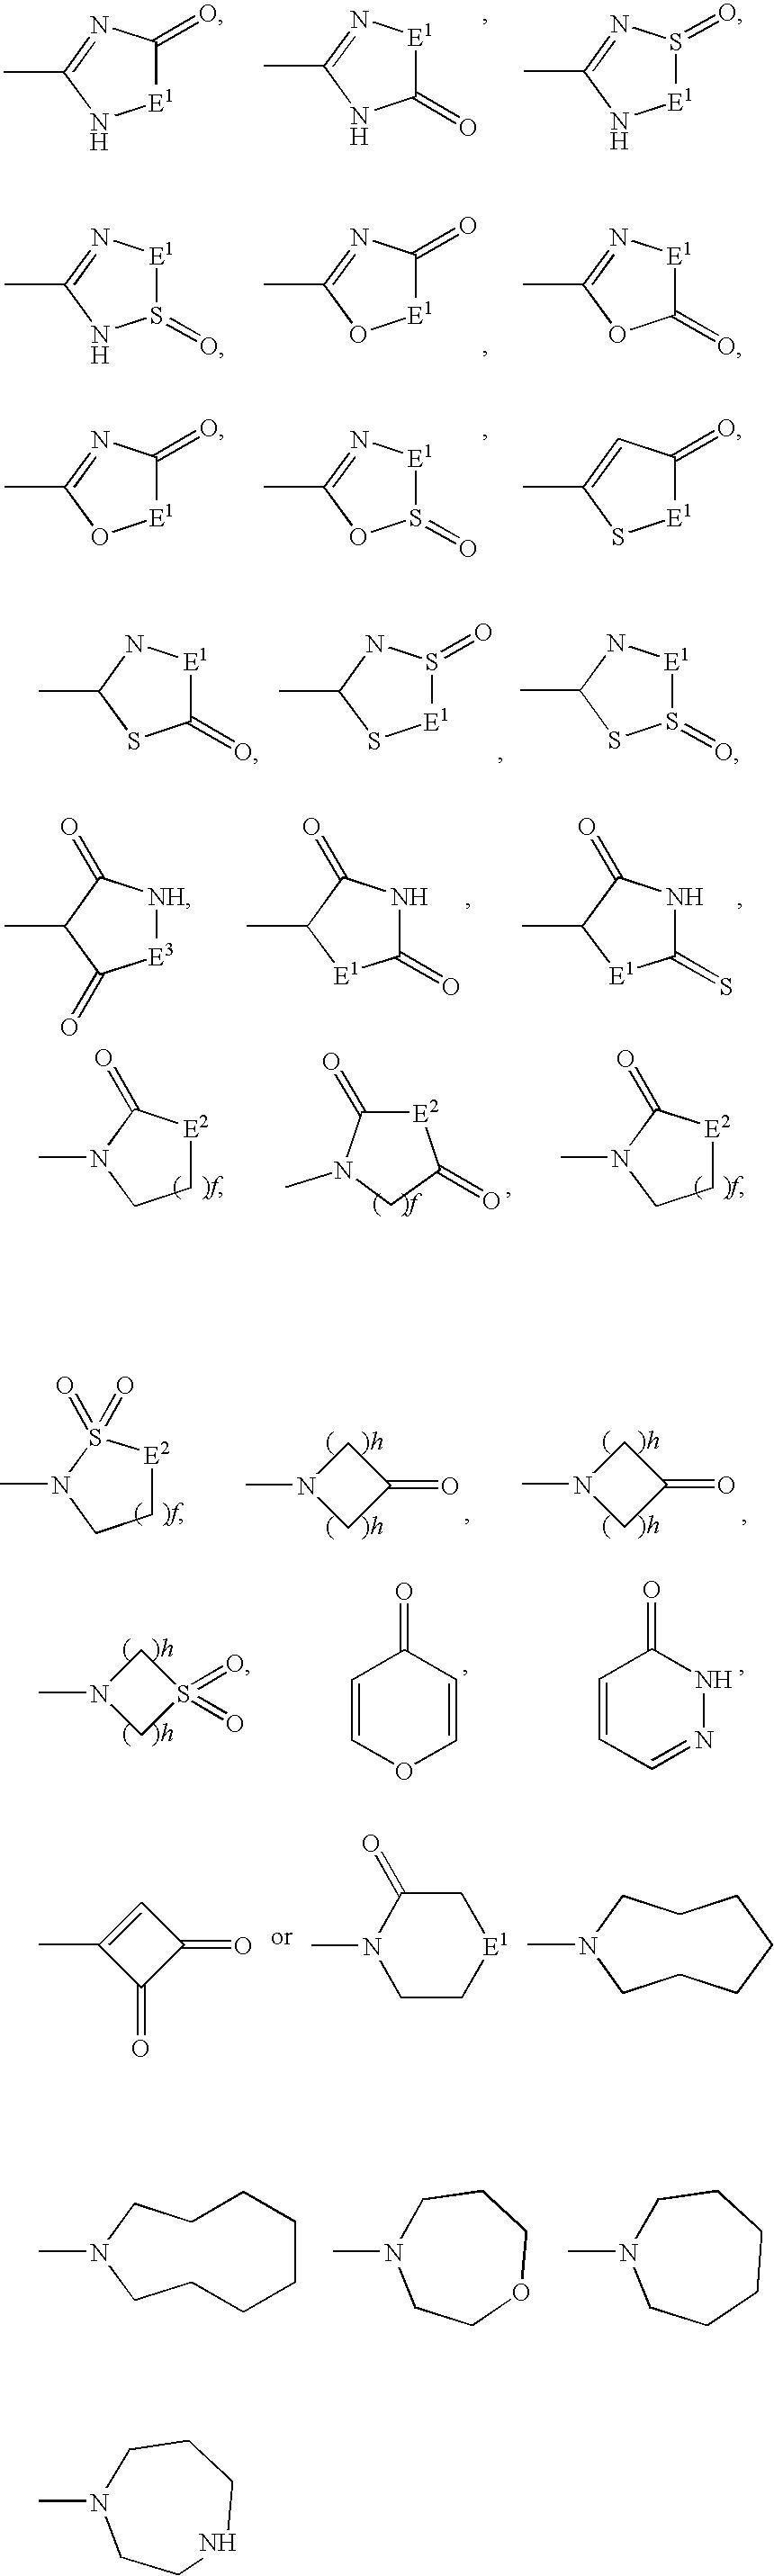 Figure US20070049593A1-20070301-C00044